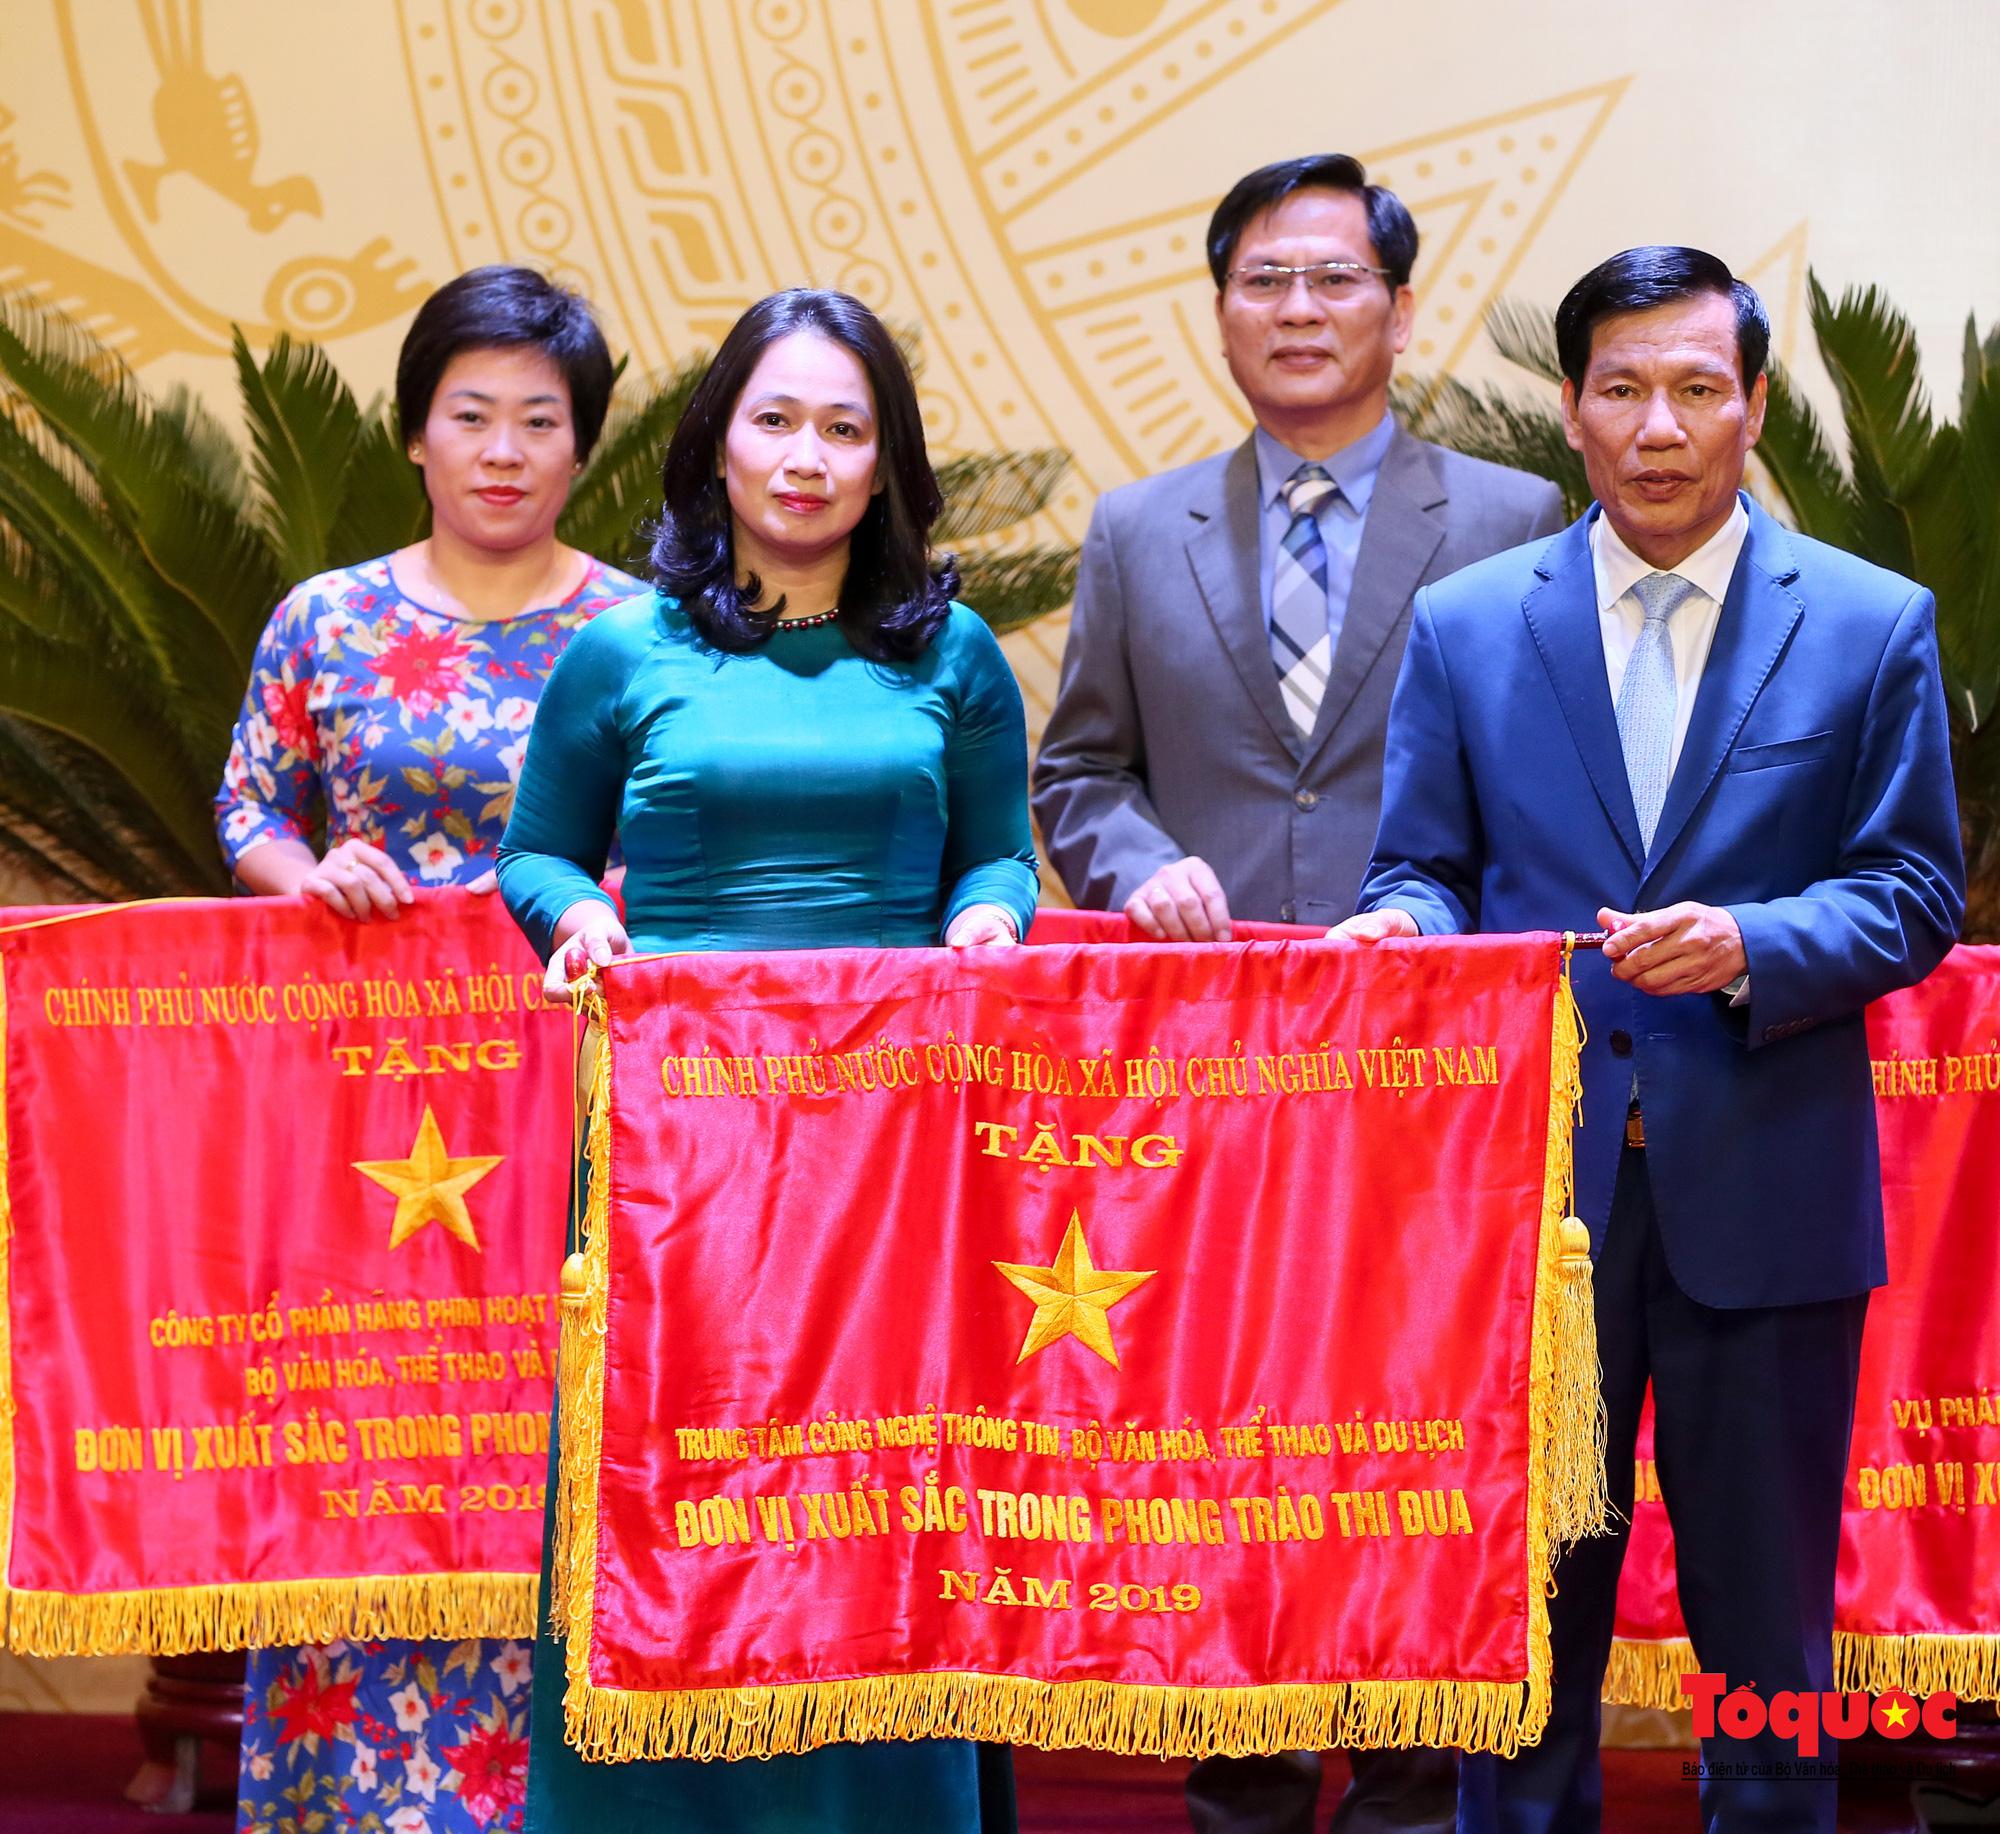 Chùm ảnh: Đại hội Thi đua yêu nước Bộ Văn hóa, Thể thao và Du lịch - Ảnh 10.